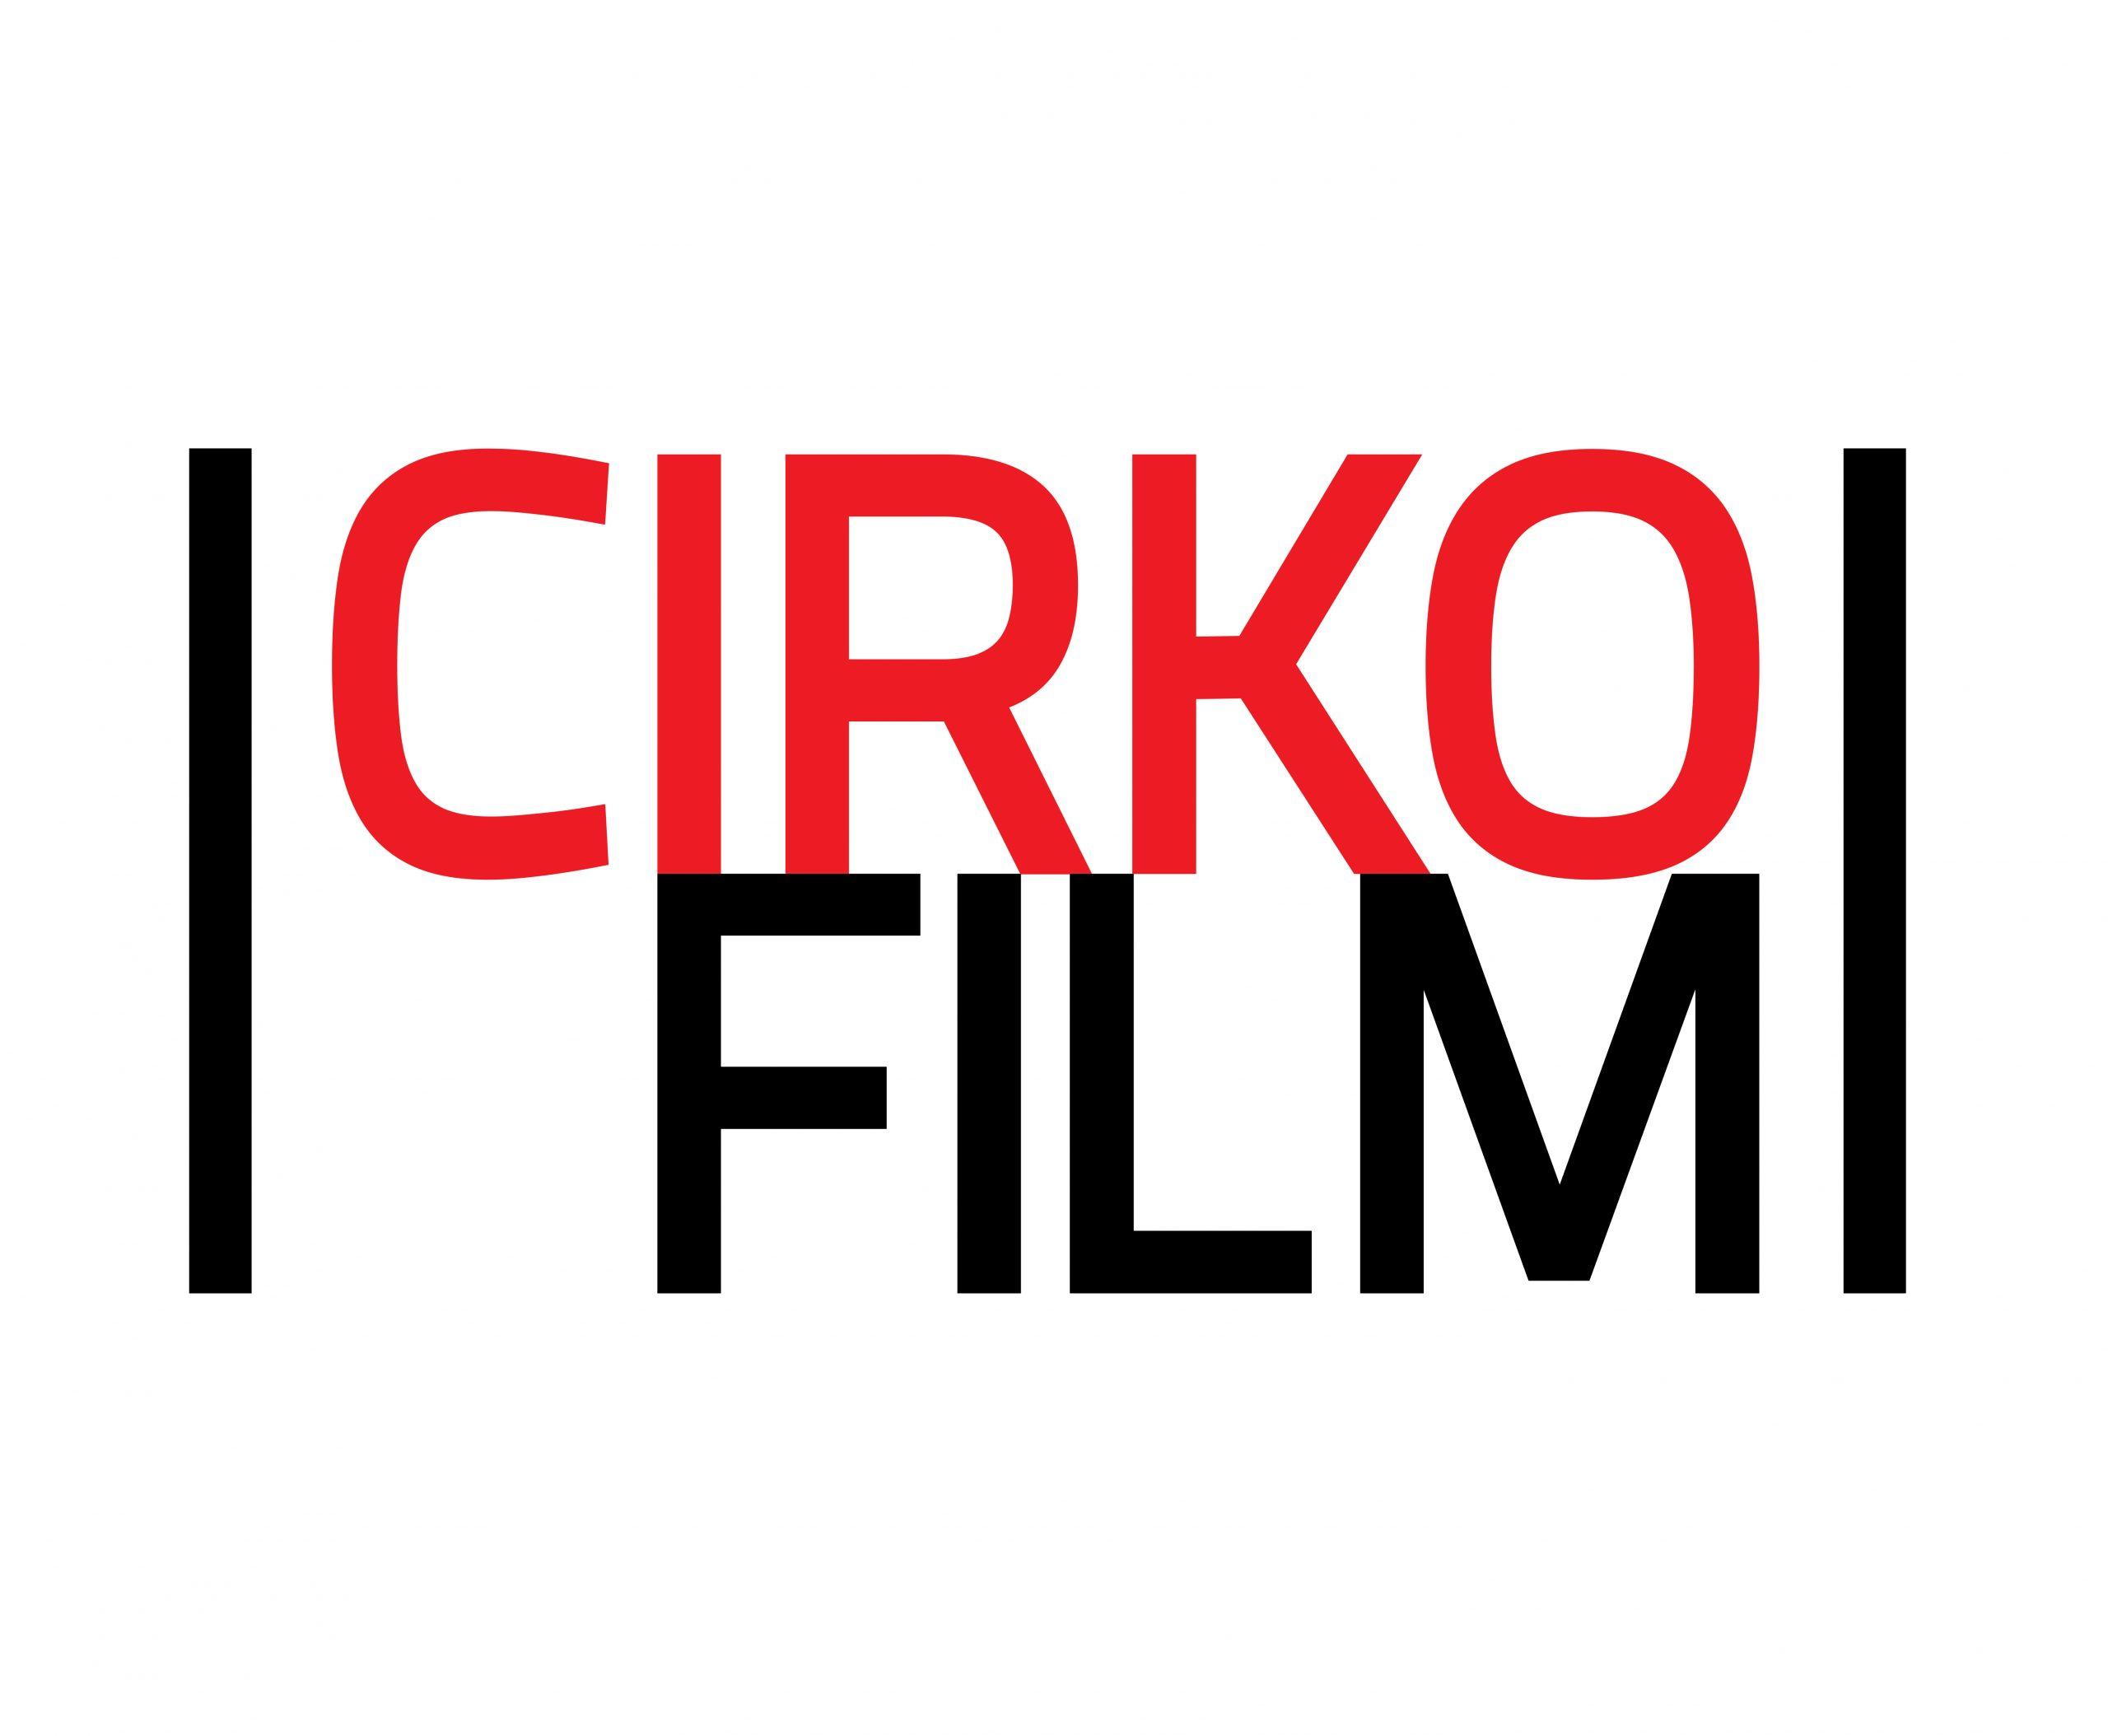 cirko_film